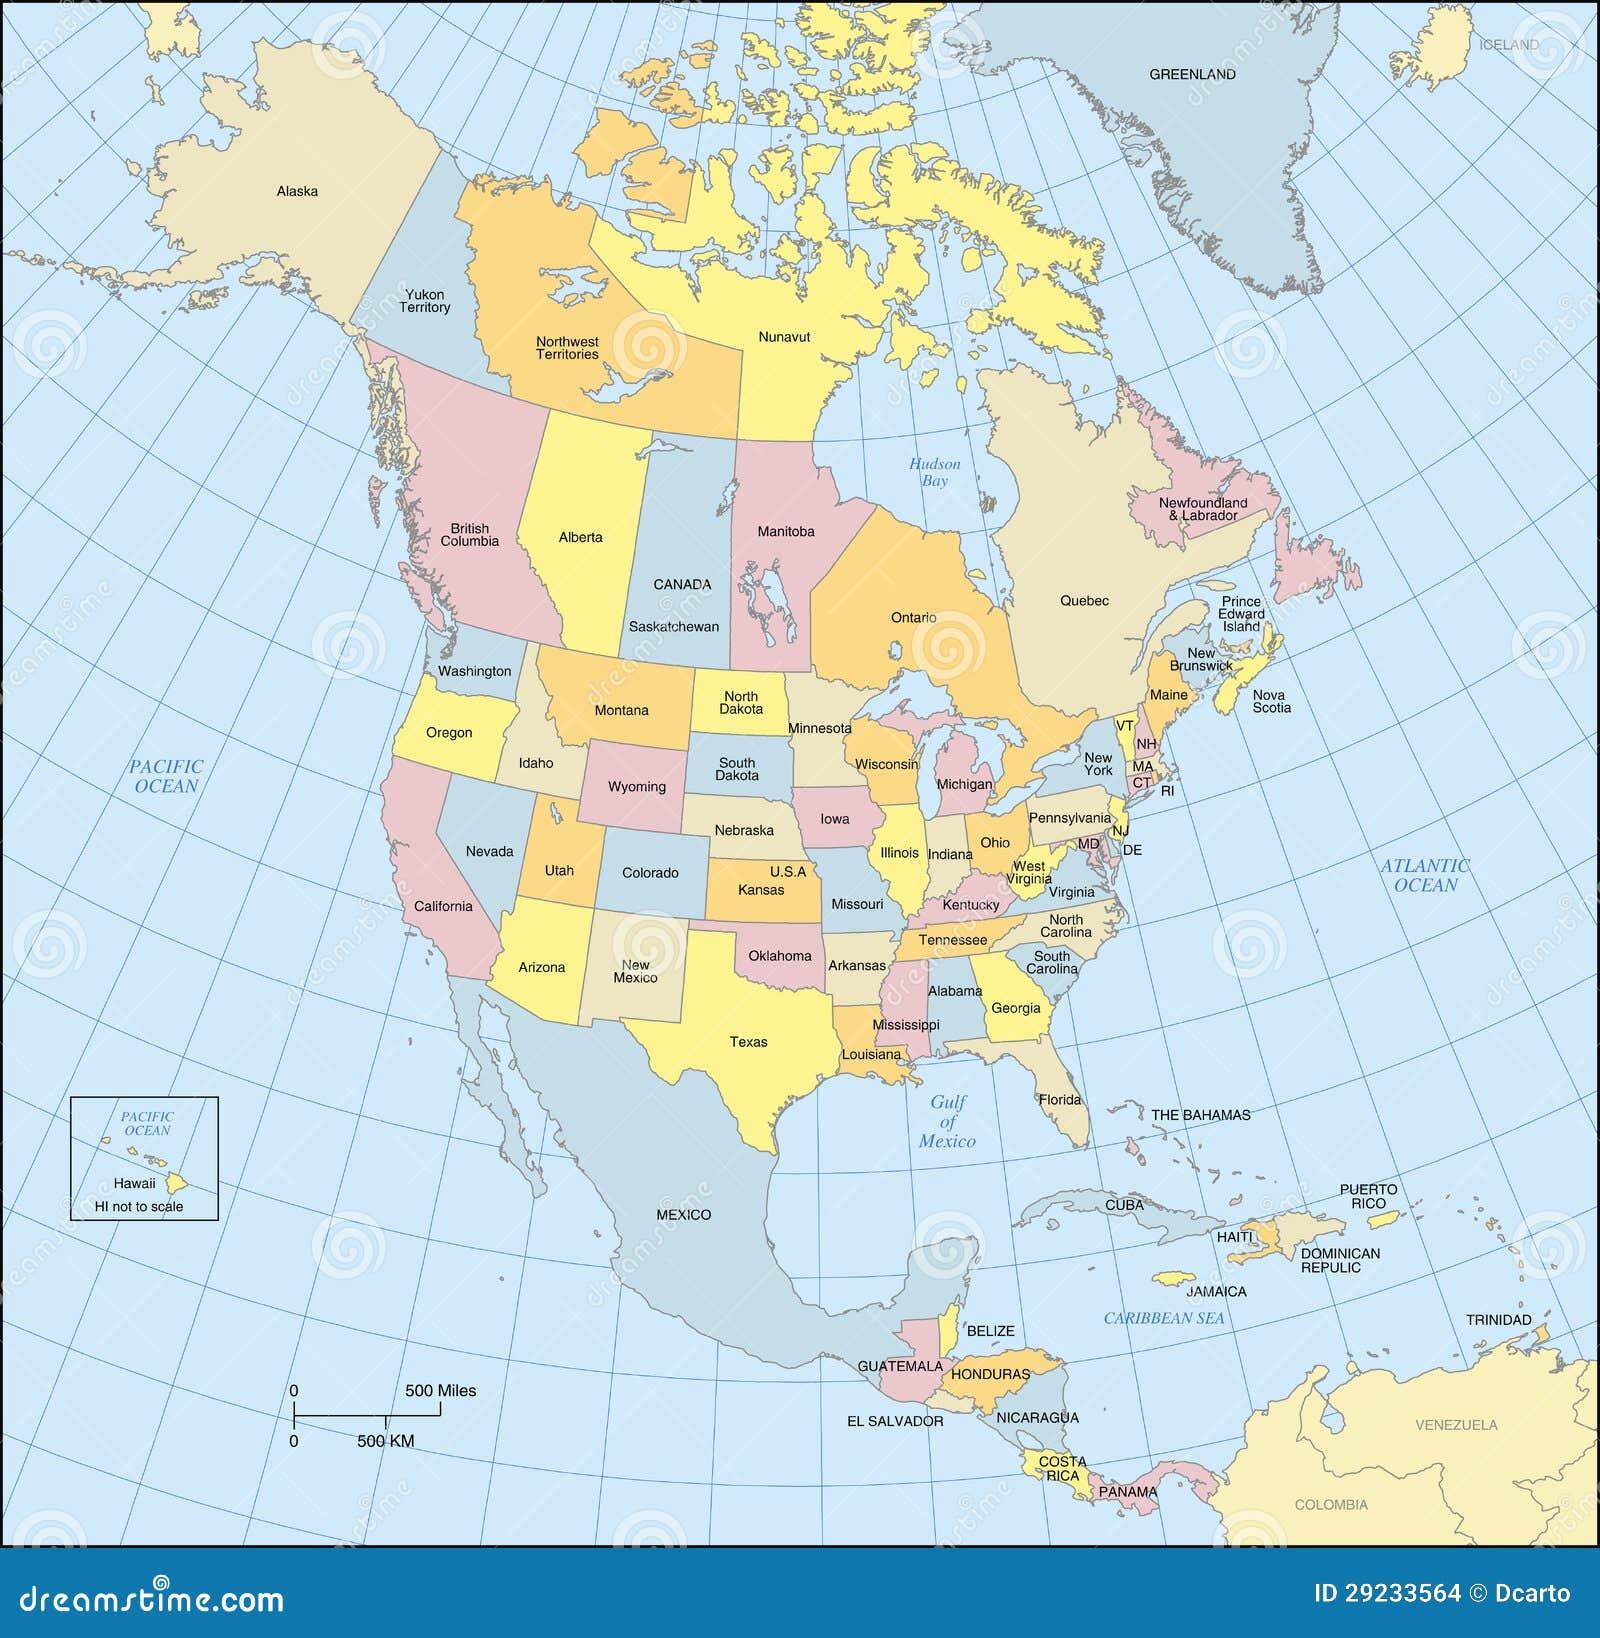 Χάρτης της Βόρειας Αμερικής